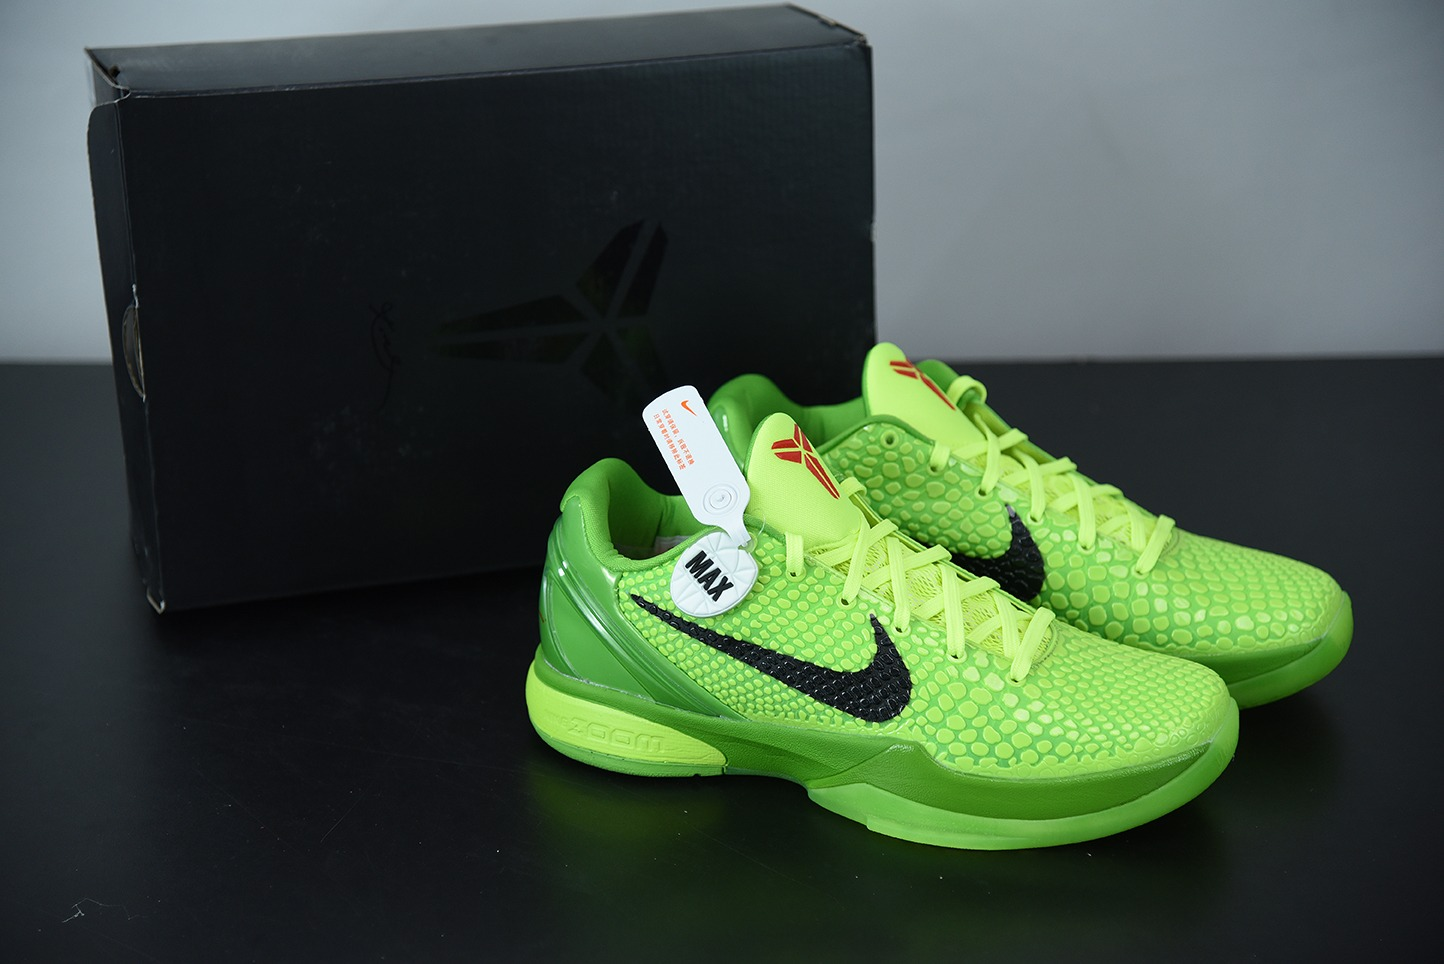 科比Kobe VI Protro 6 科比6代青蜂侠男子低帮实战篮球鞋纯原版本 货号:CW2190-300